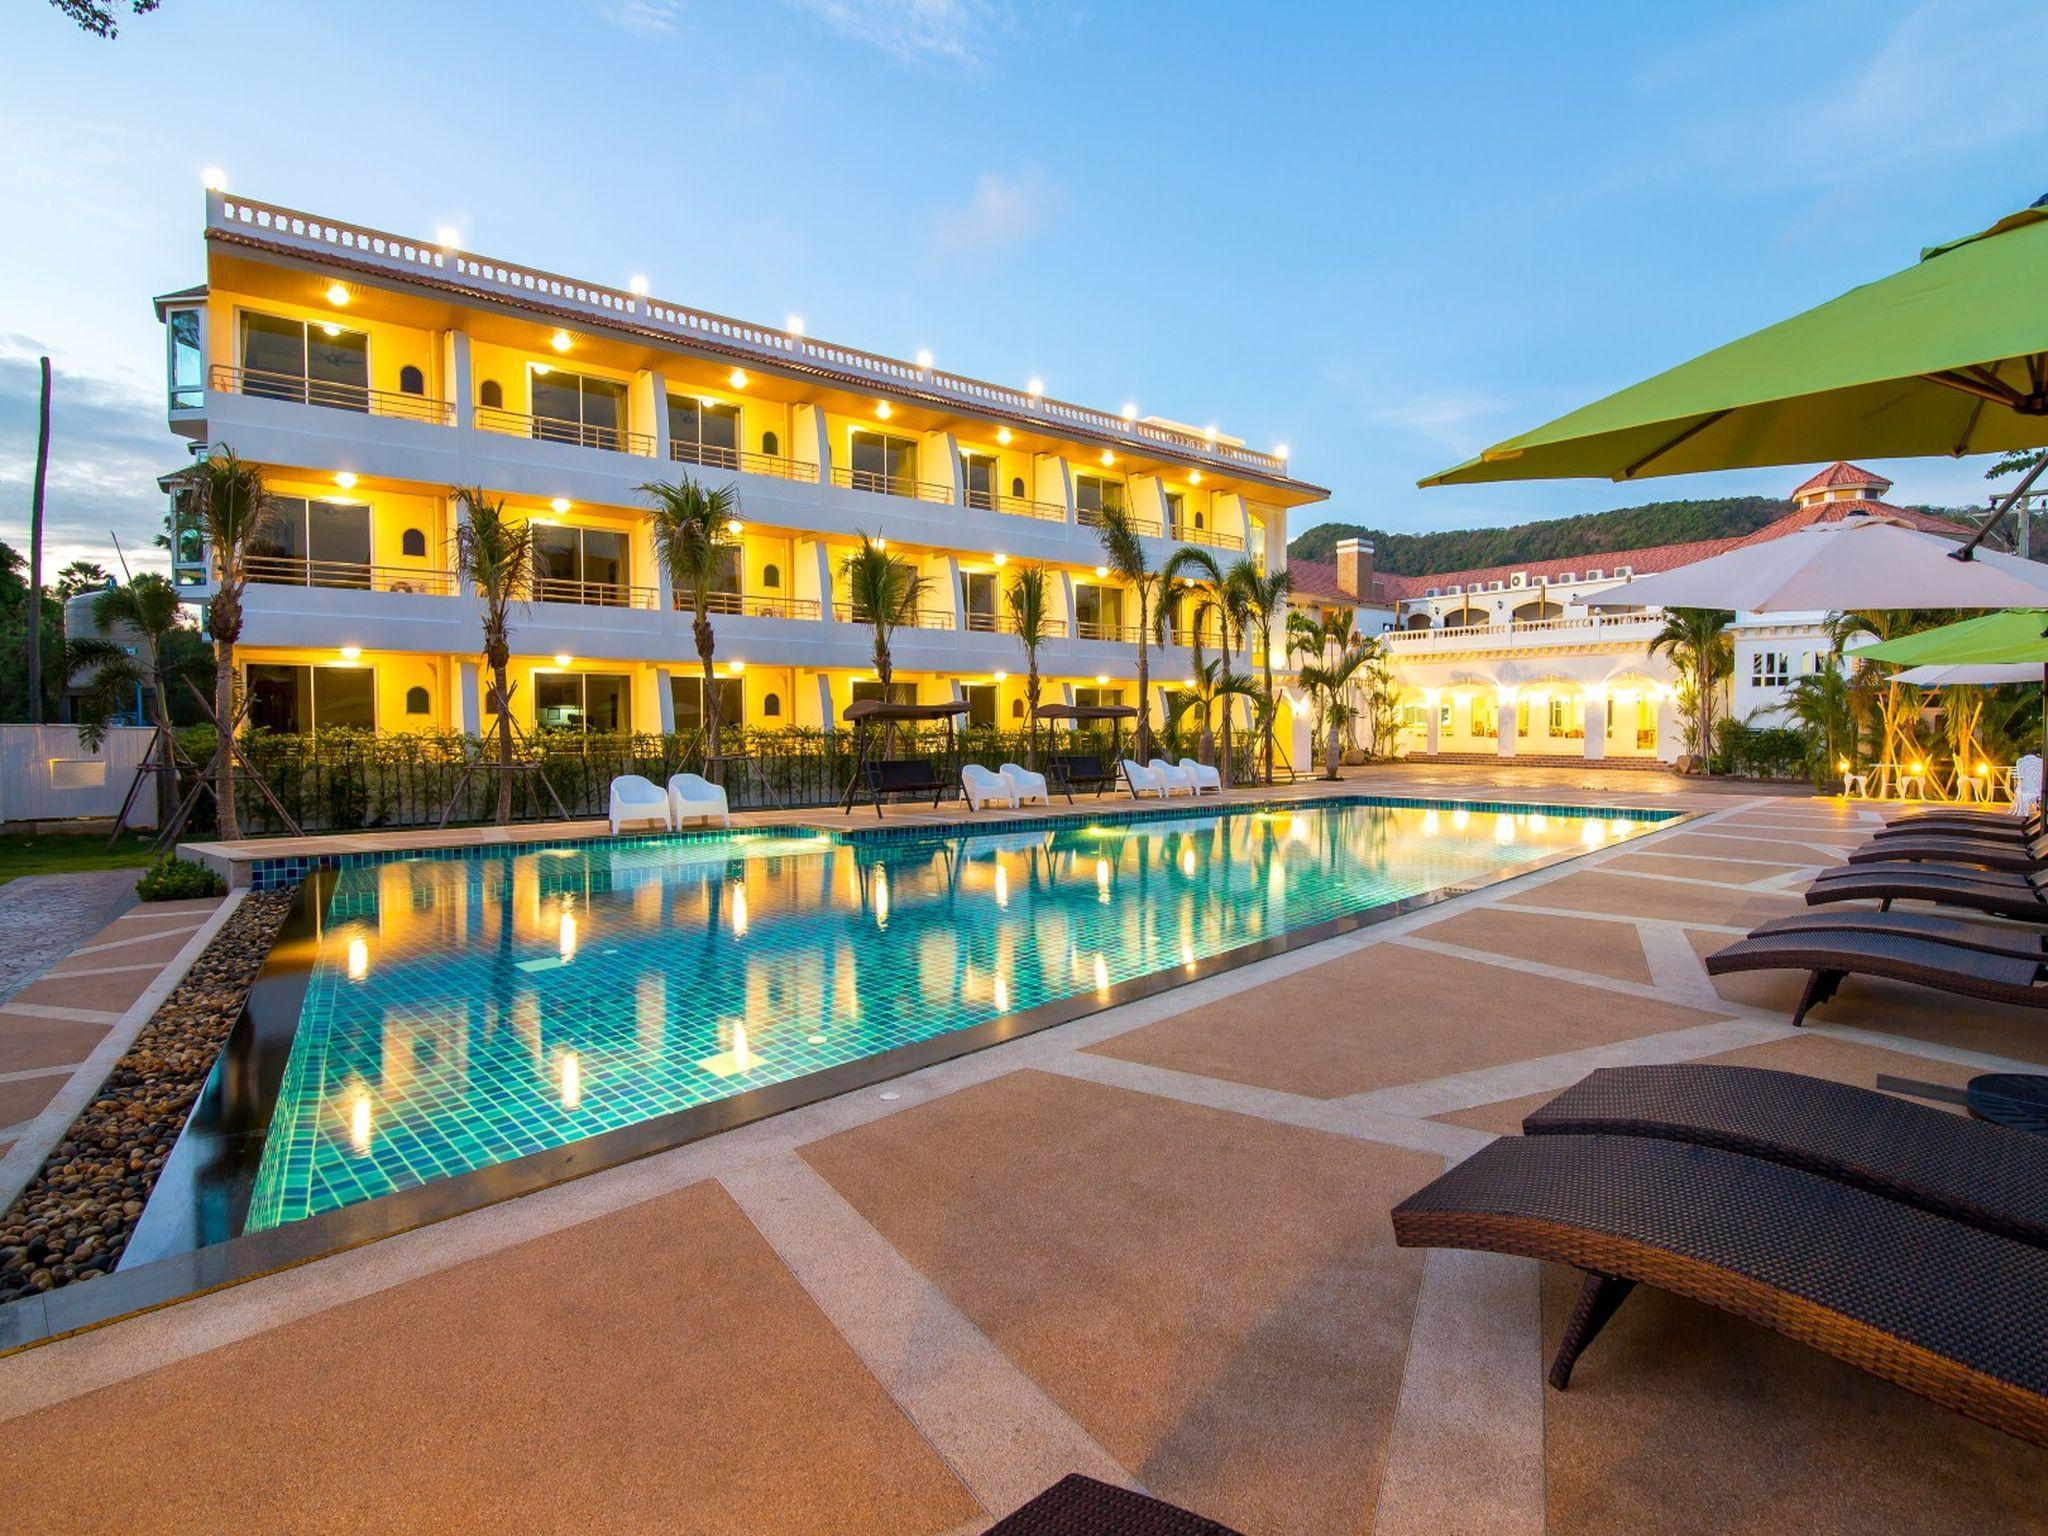 Villa Blanca Hotel And Restaurant